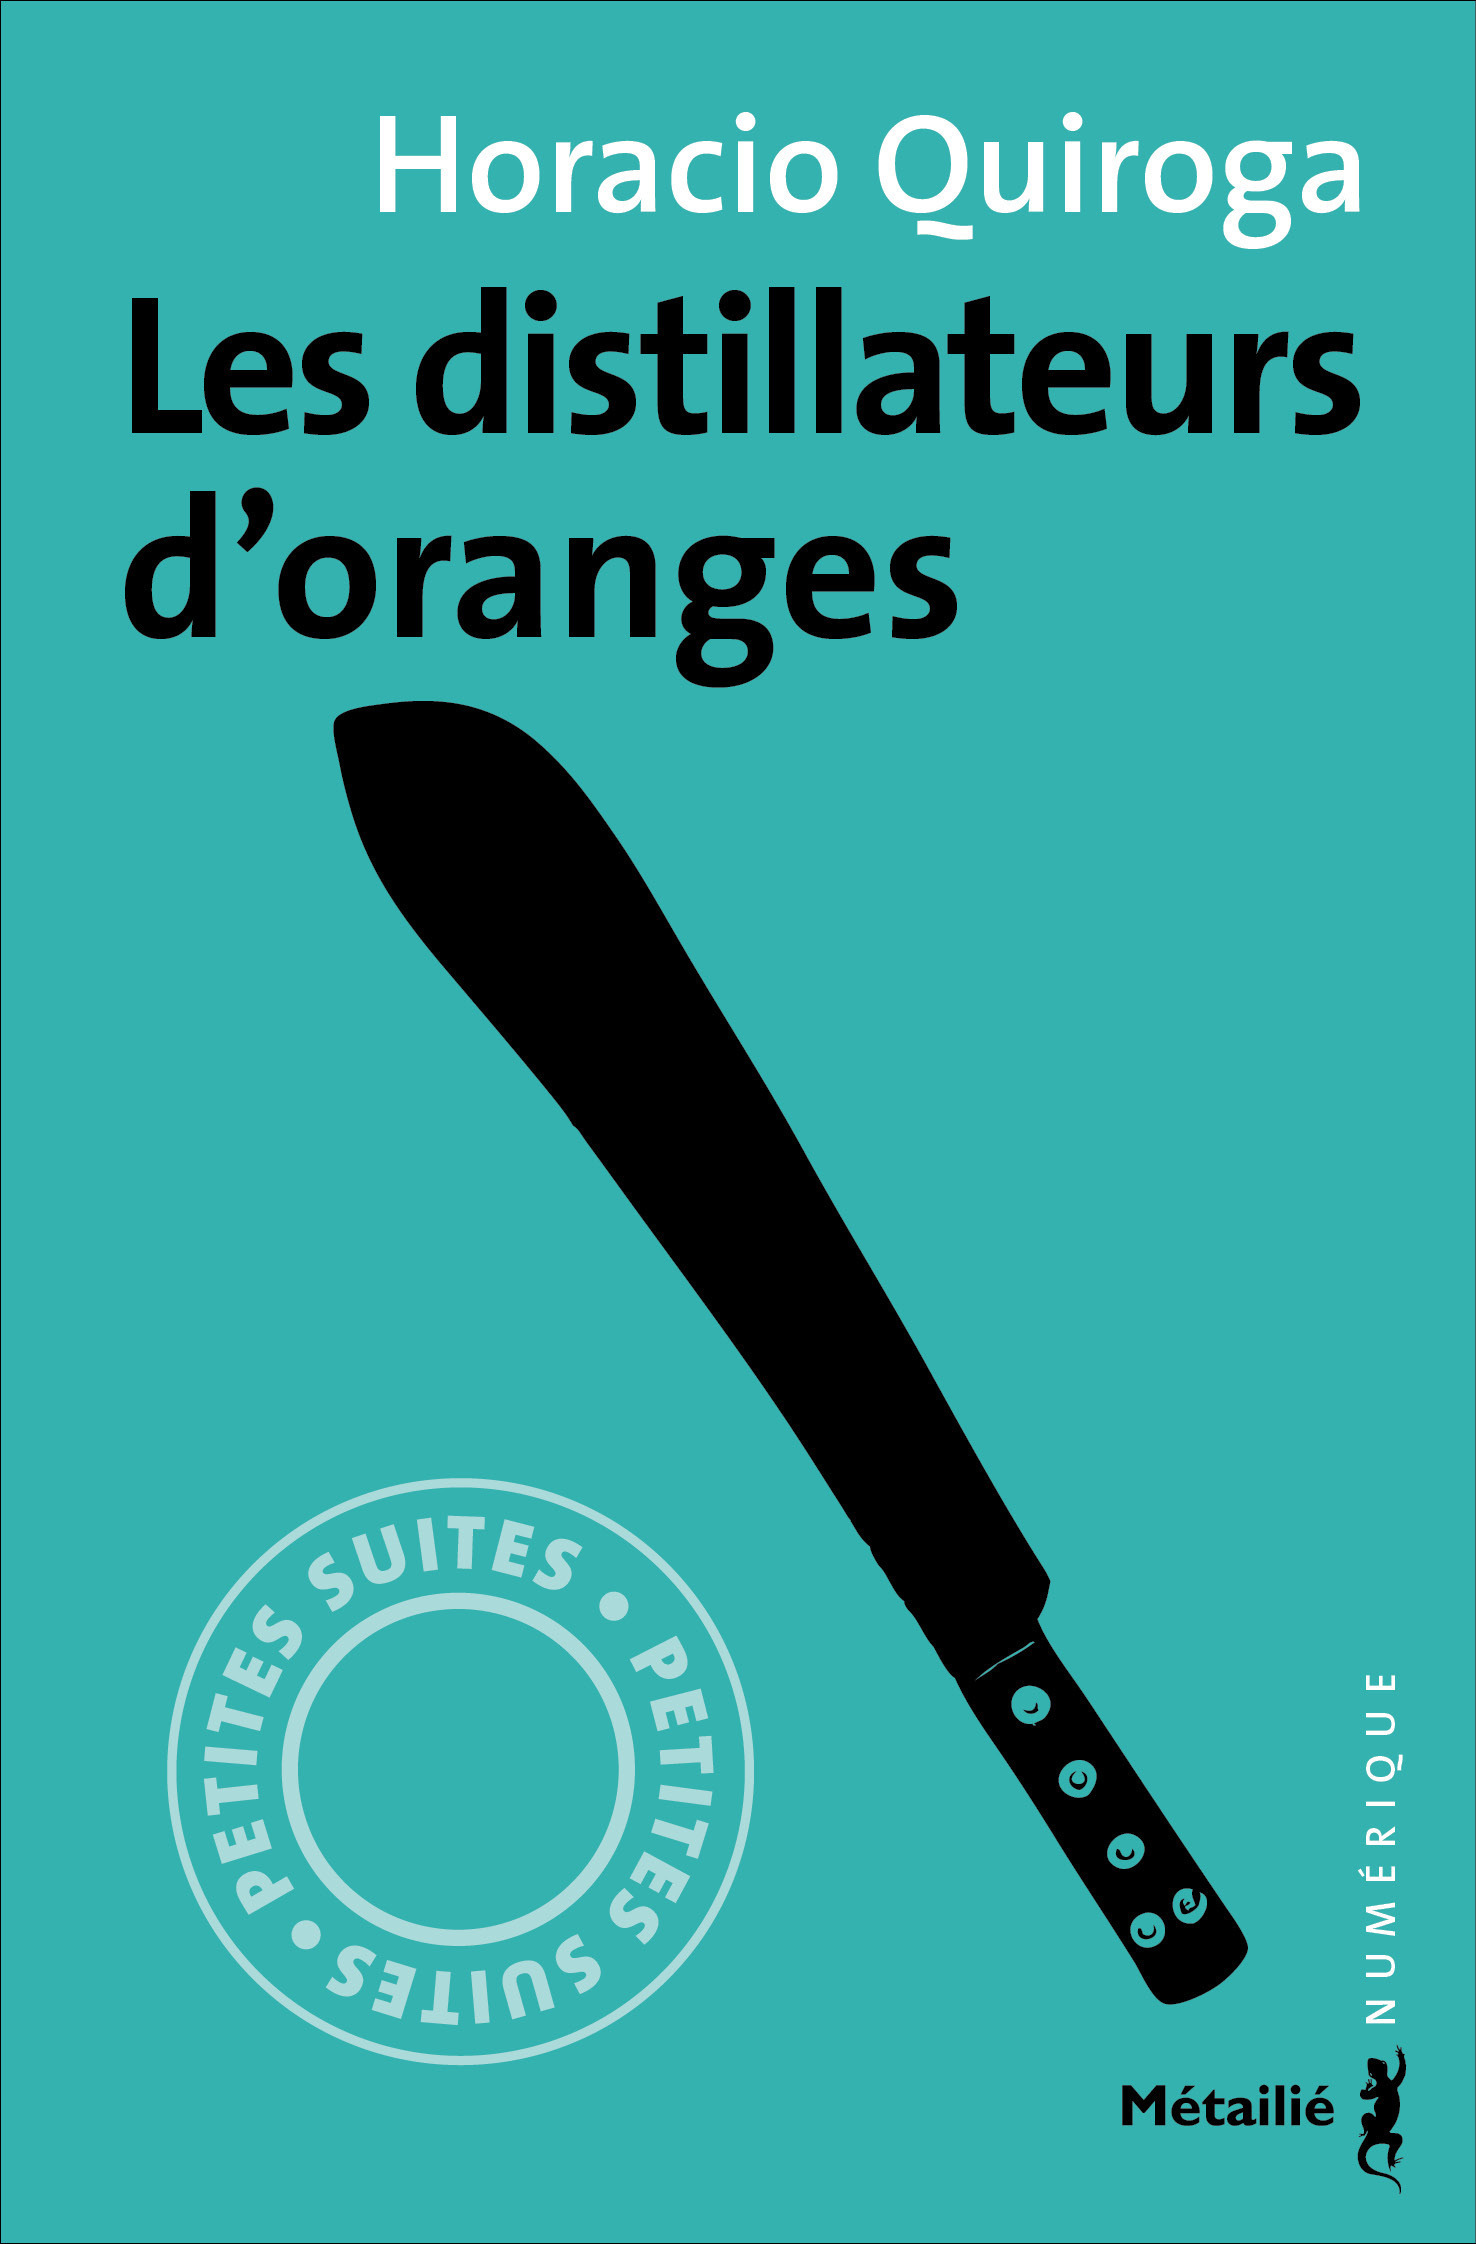 Les Distillateurs d'oranges